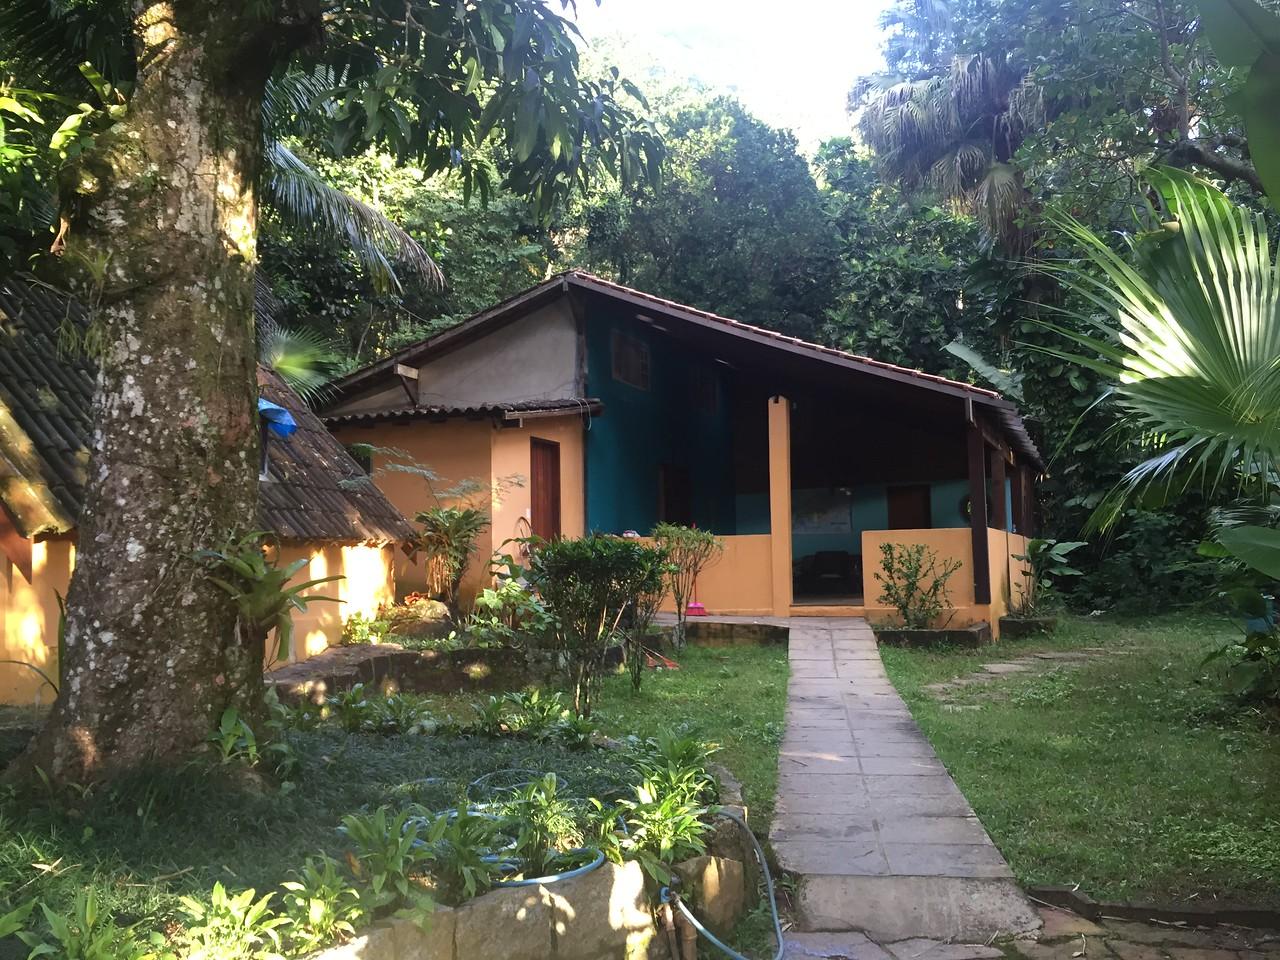 HI Hostel, Ilha Grande (Big Island), rio de Janeiro, Brazil